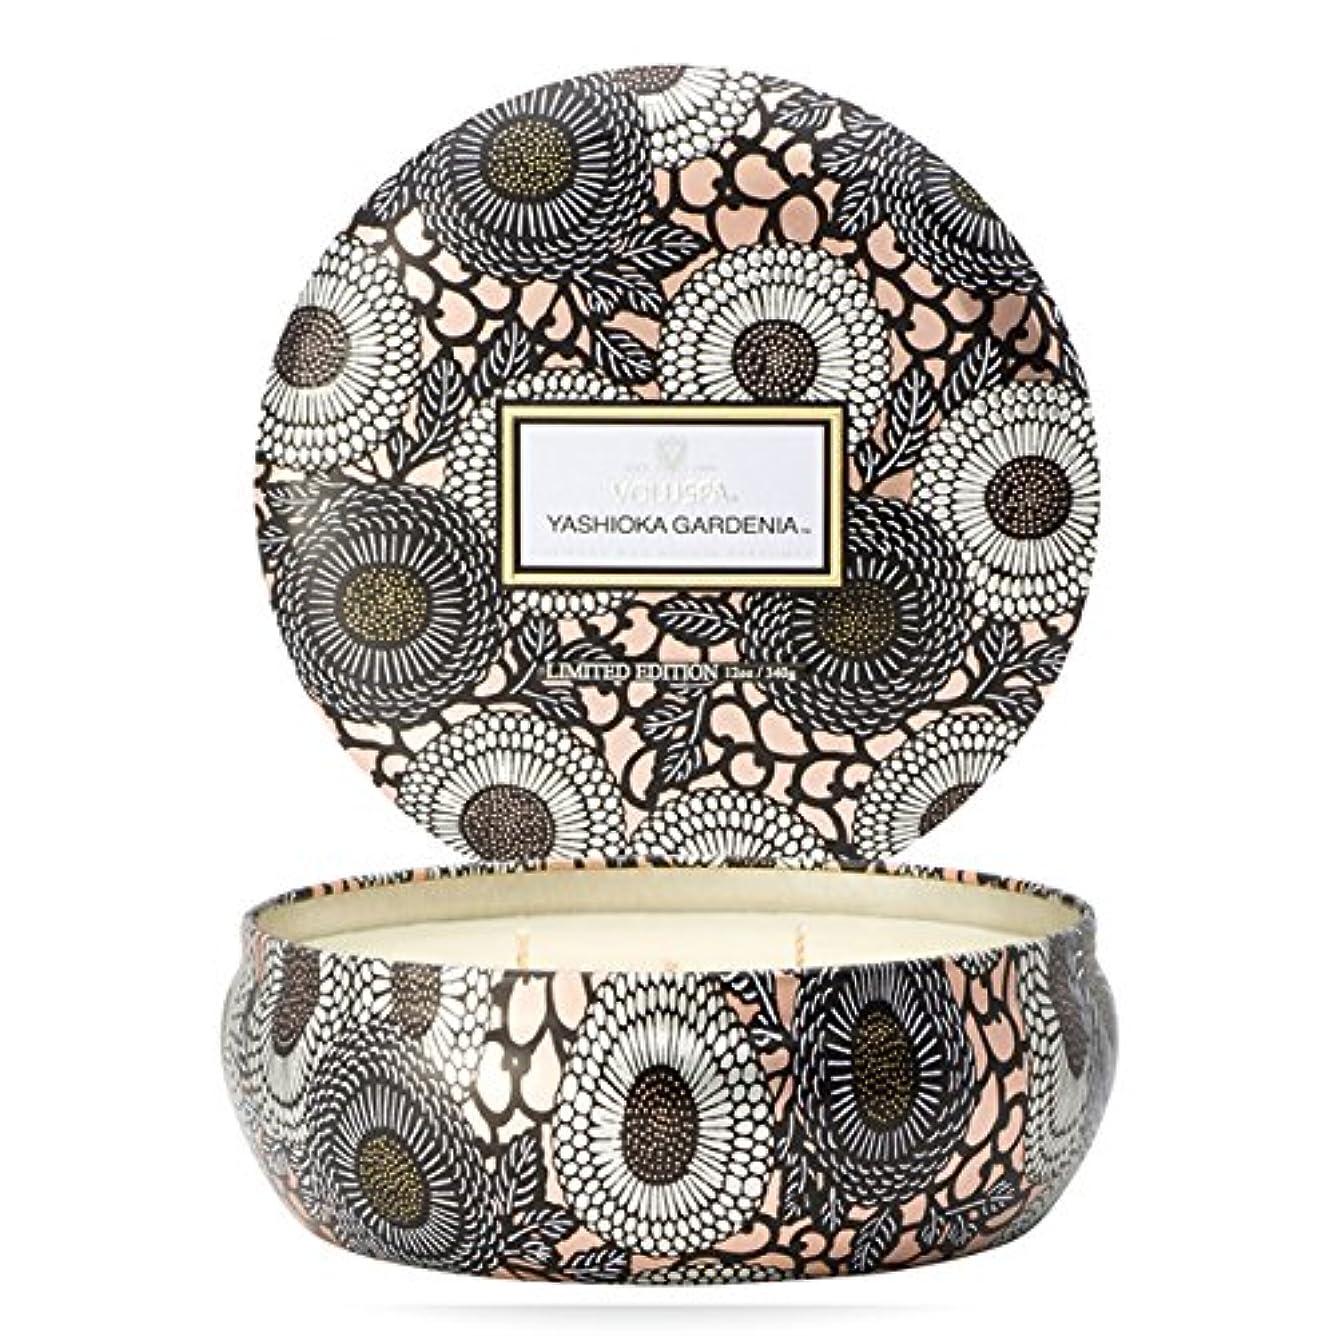 Voluspa ボルスパ ジャポニカ リミテッド 3-Wick ティンキャンドル  ヤシオカガーデニア YASHIOKA GARDENIA JAPONICA Limited 3-ウィック Tin Glass Candle